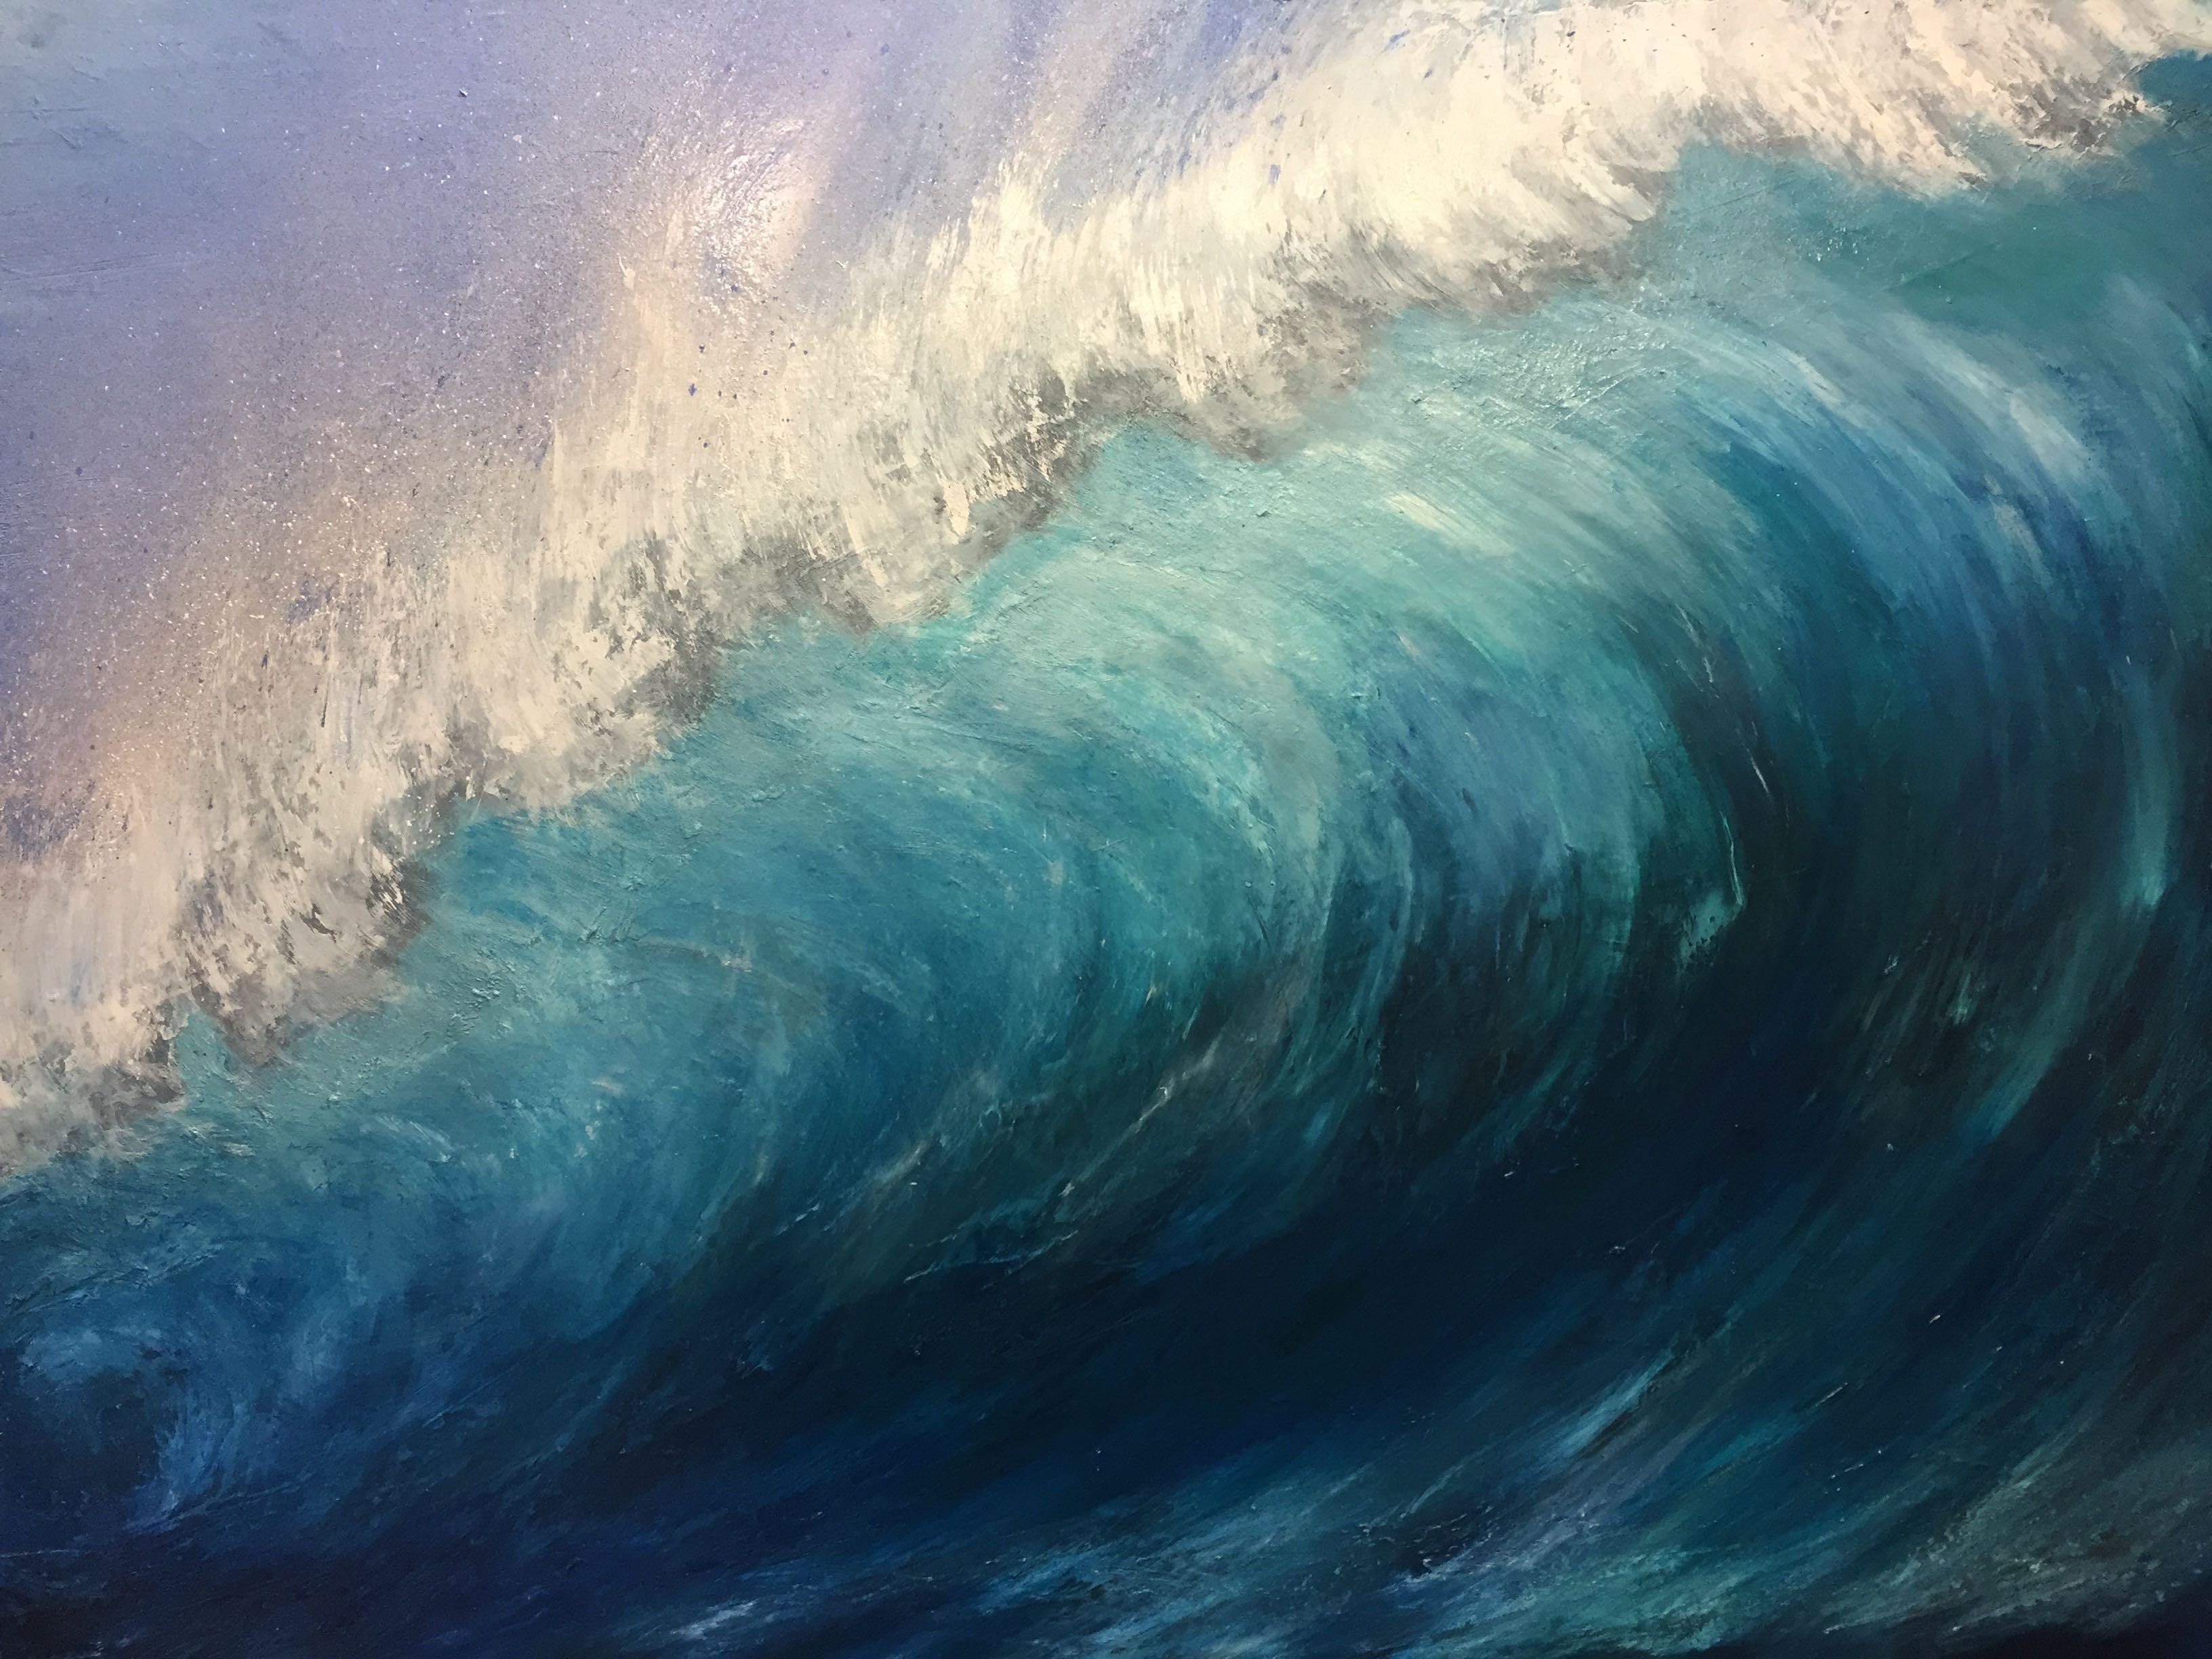 wave breaking alternative